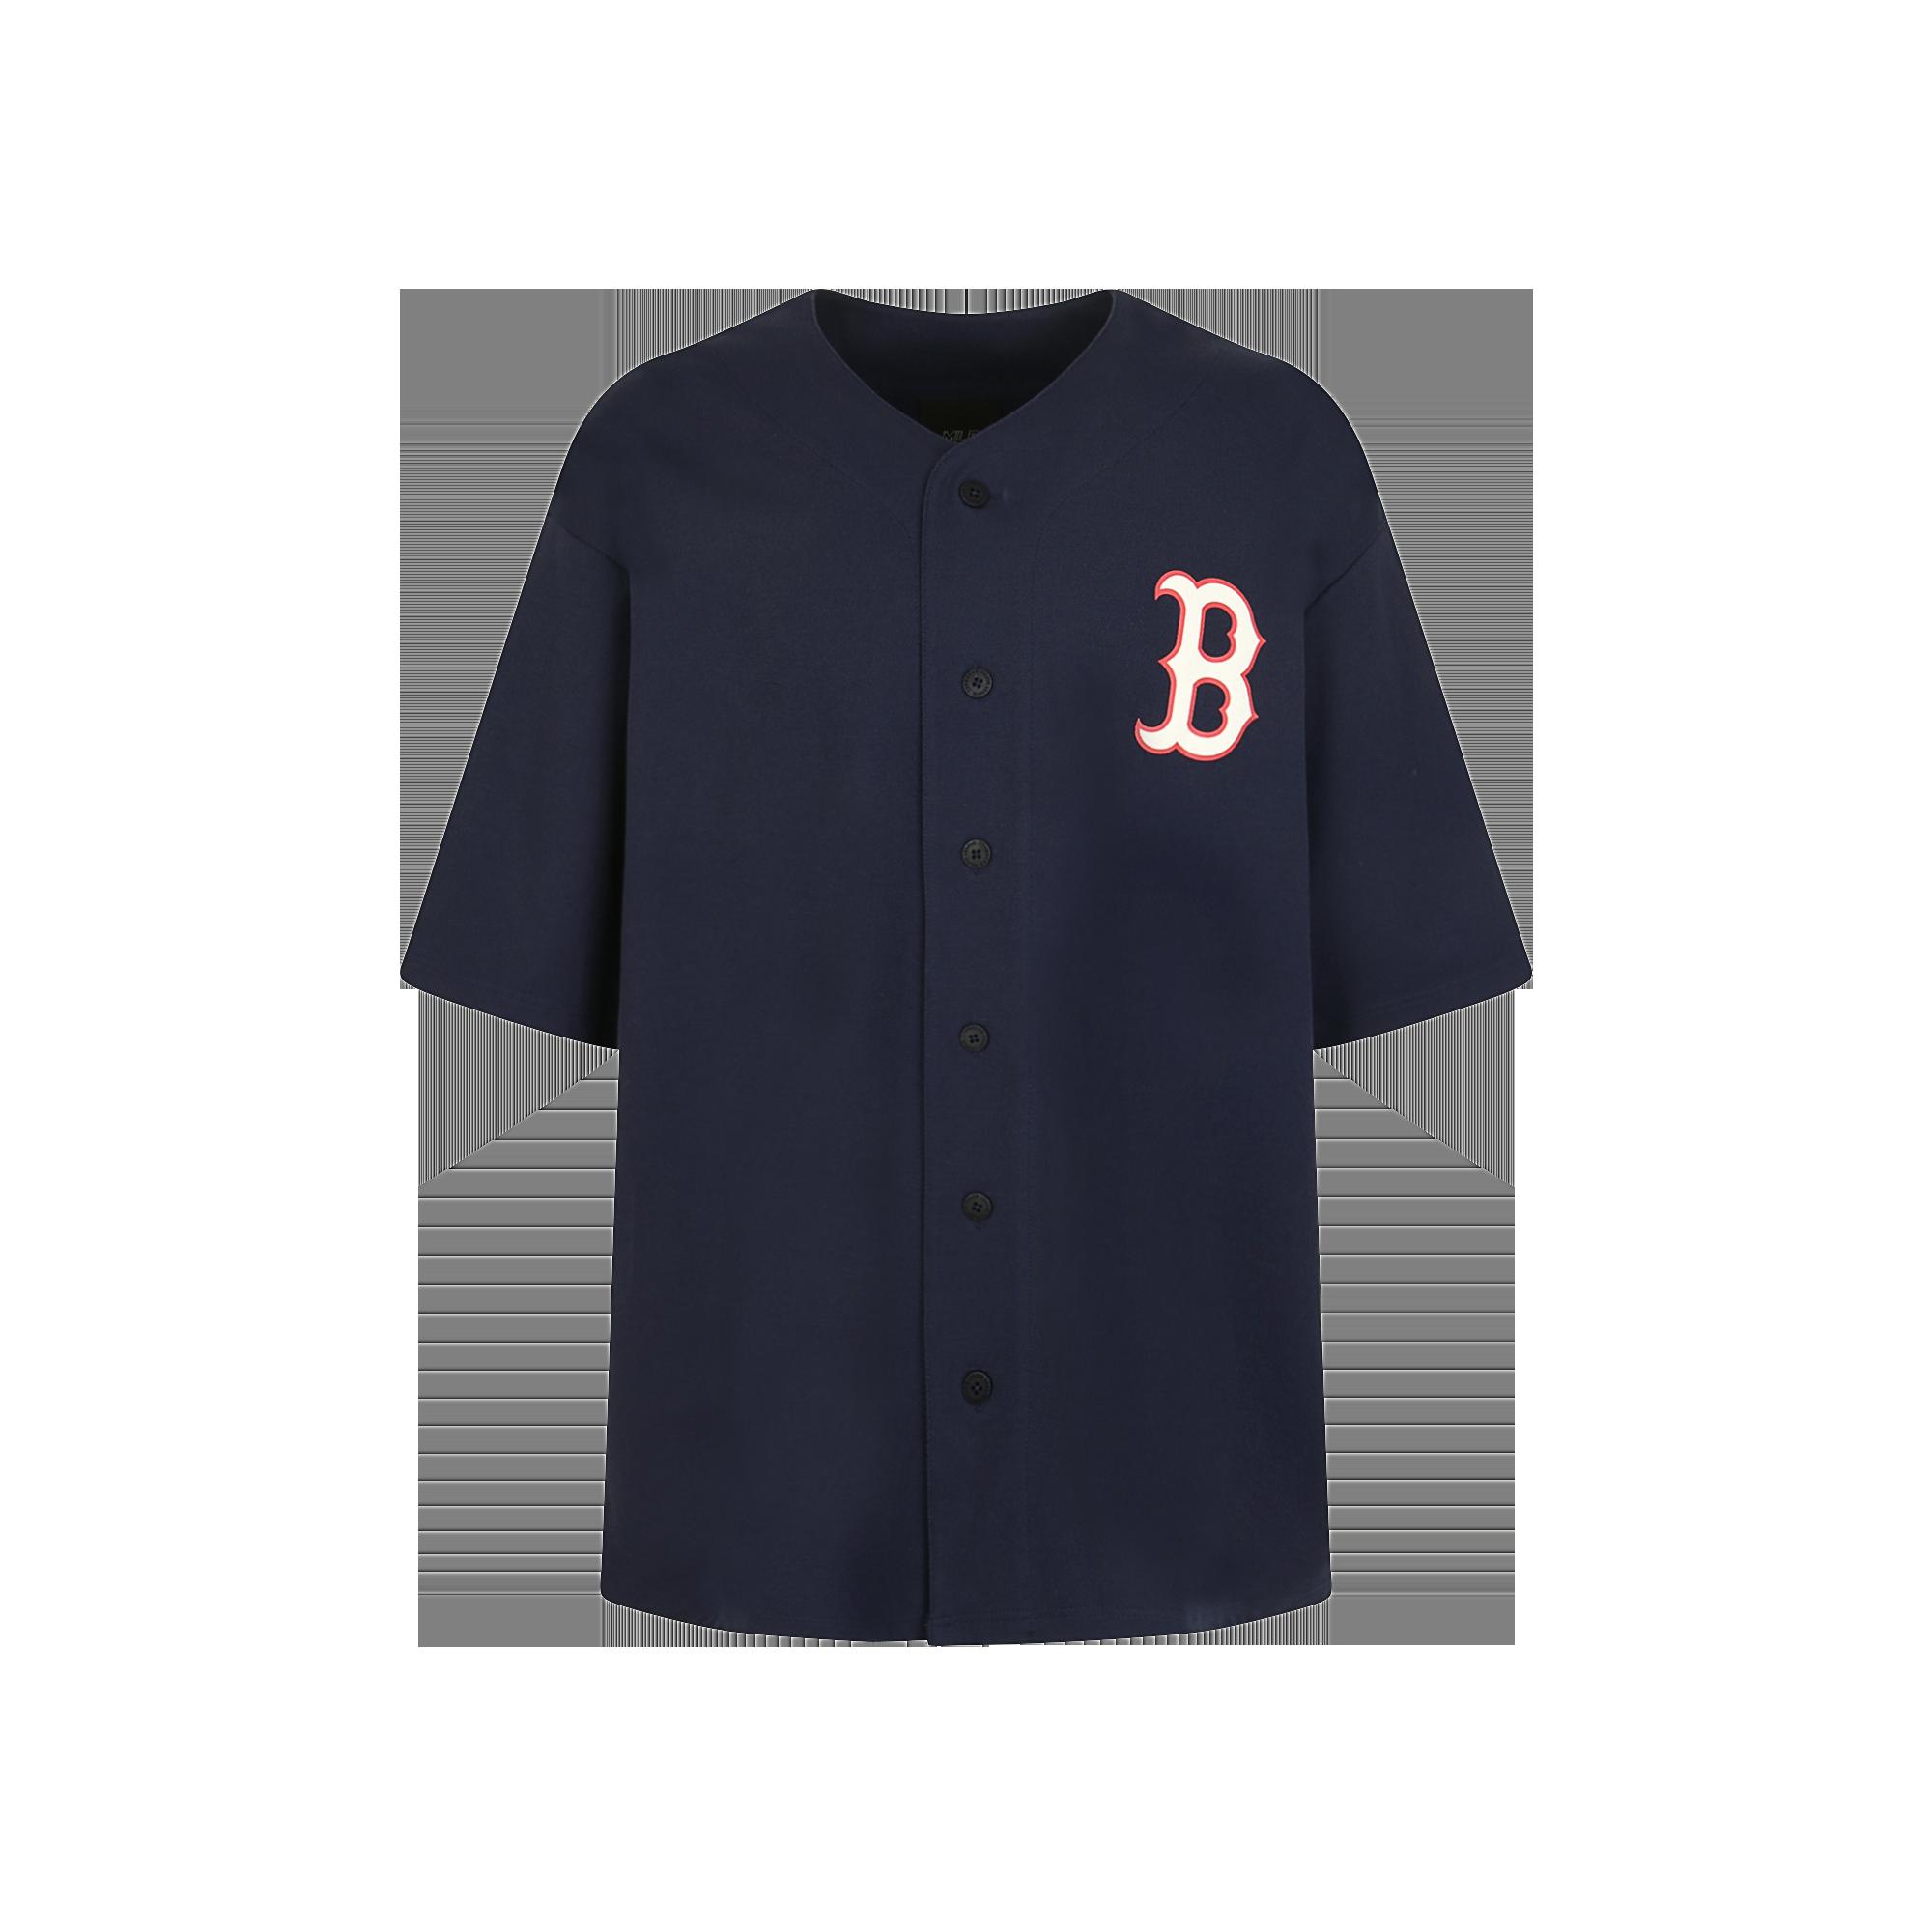 팝콘 베이스볼 져지 보스턴 레드삭스